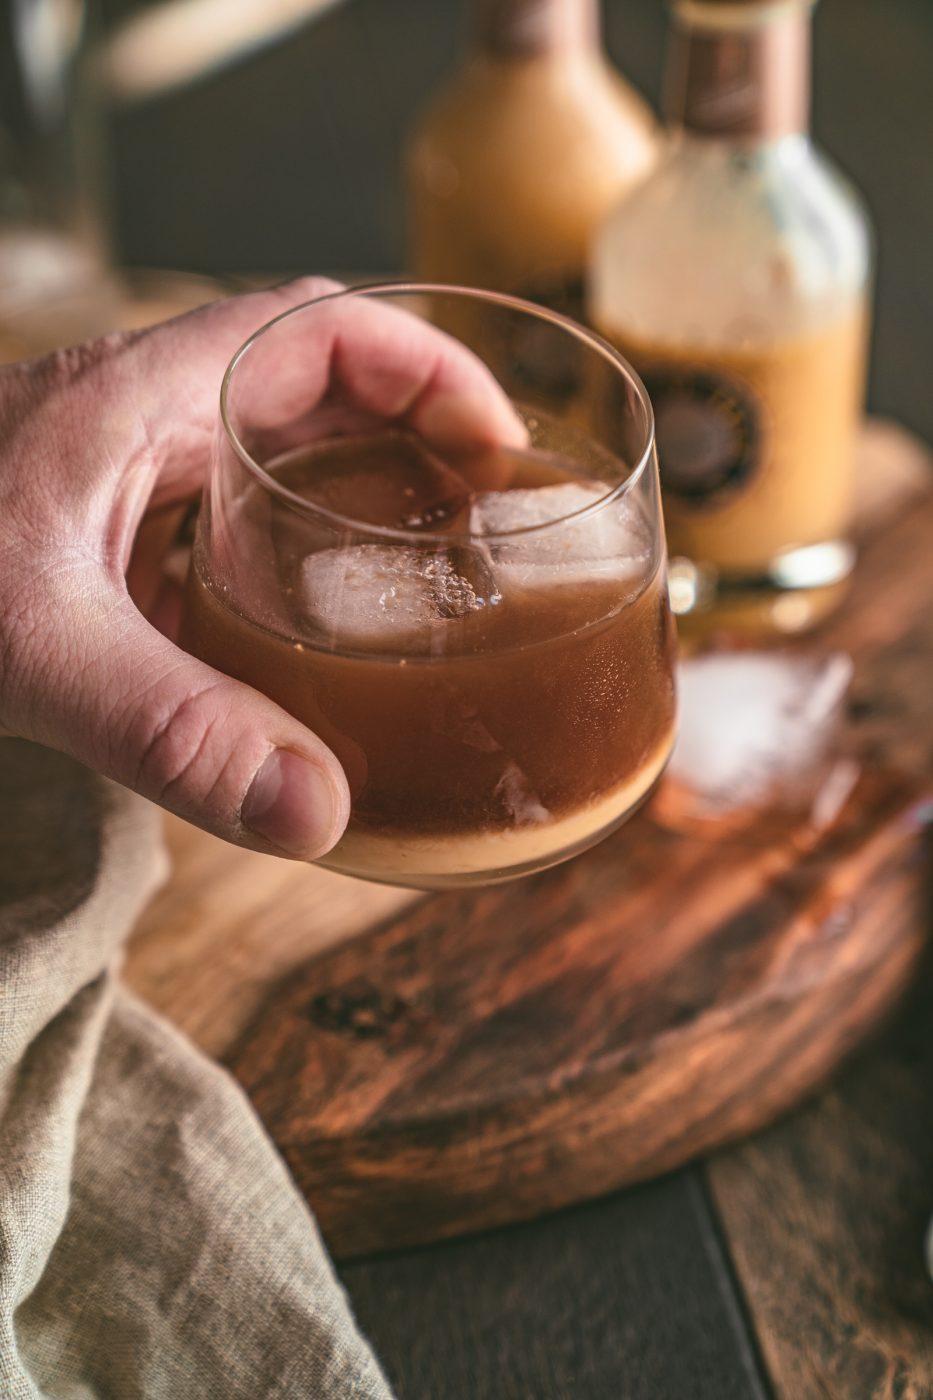 Eggnog Russian 15 | Wir haben uns in den letzten Tagen viele Gedanken darüber gemacht, was für einen Cocktail wir unseren Liebsten an einem der Feiertage anbieten könnten. Wir finden, dass gerade ein Cocktail genau das Richtige ist, wenn man nach einem leckeren Feiertag abends zusammen sitzt. Ein Cocktail, bei dem winterliche Aromen leicht durchkommen und bei dem man den Tag Revue passieren lassen kann. Unsere Wahl ist auf einen Eggnog Russian gefallen.